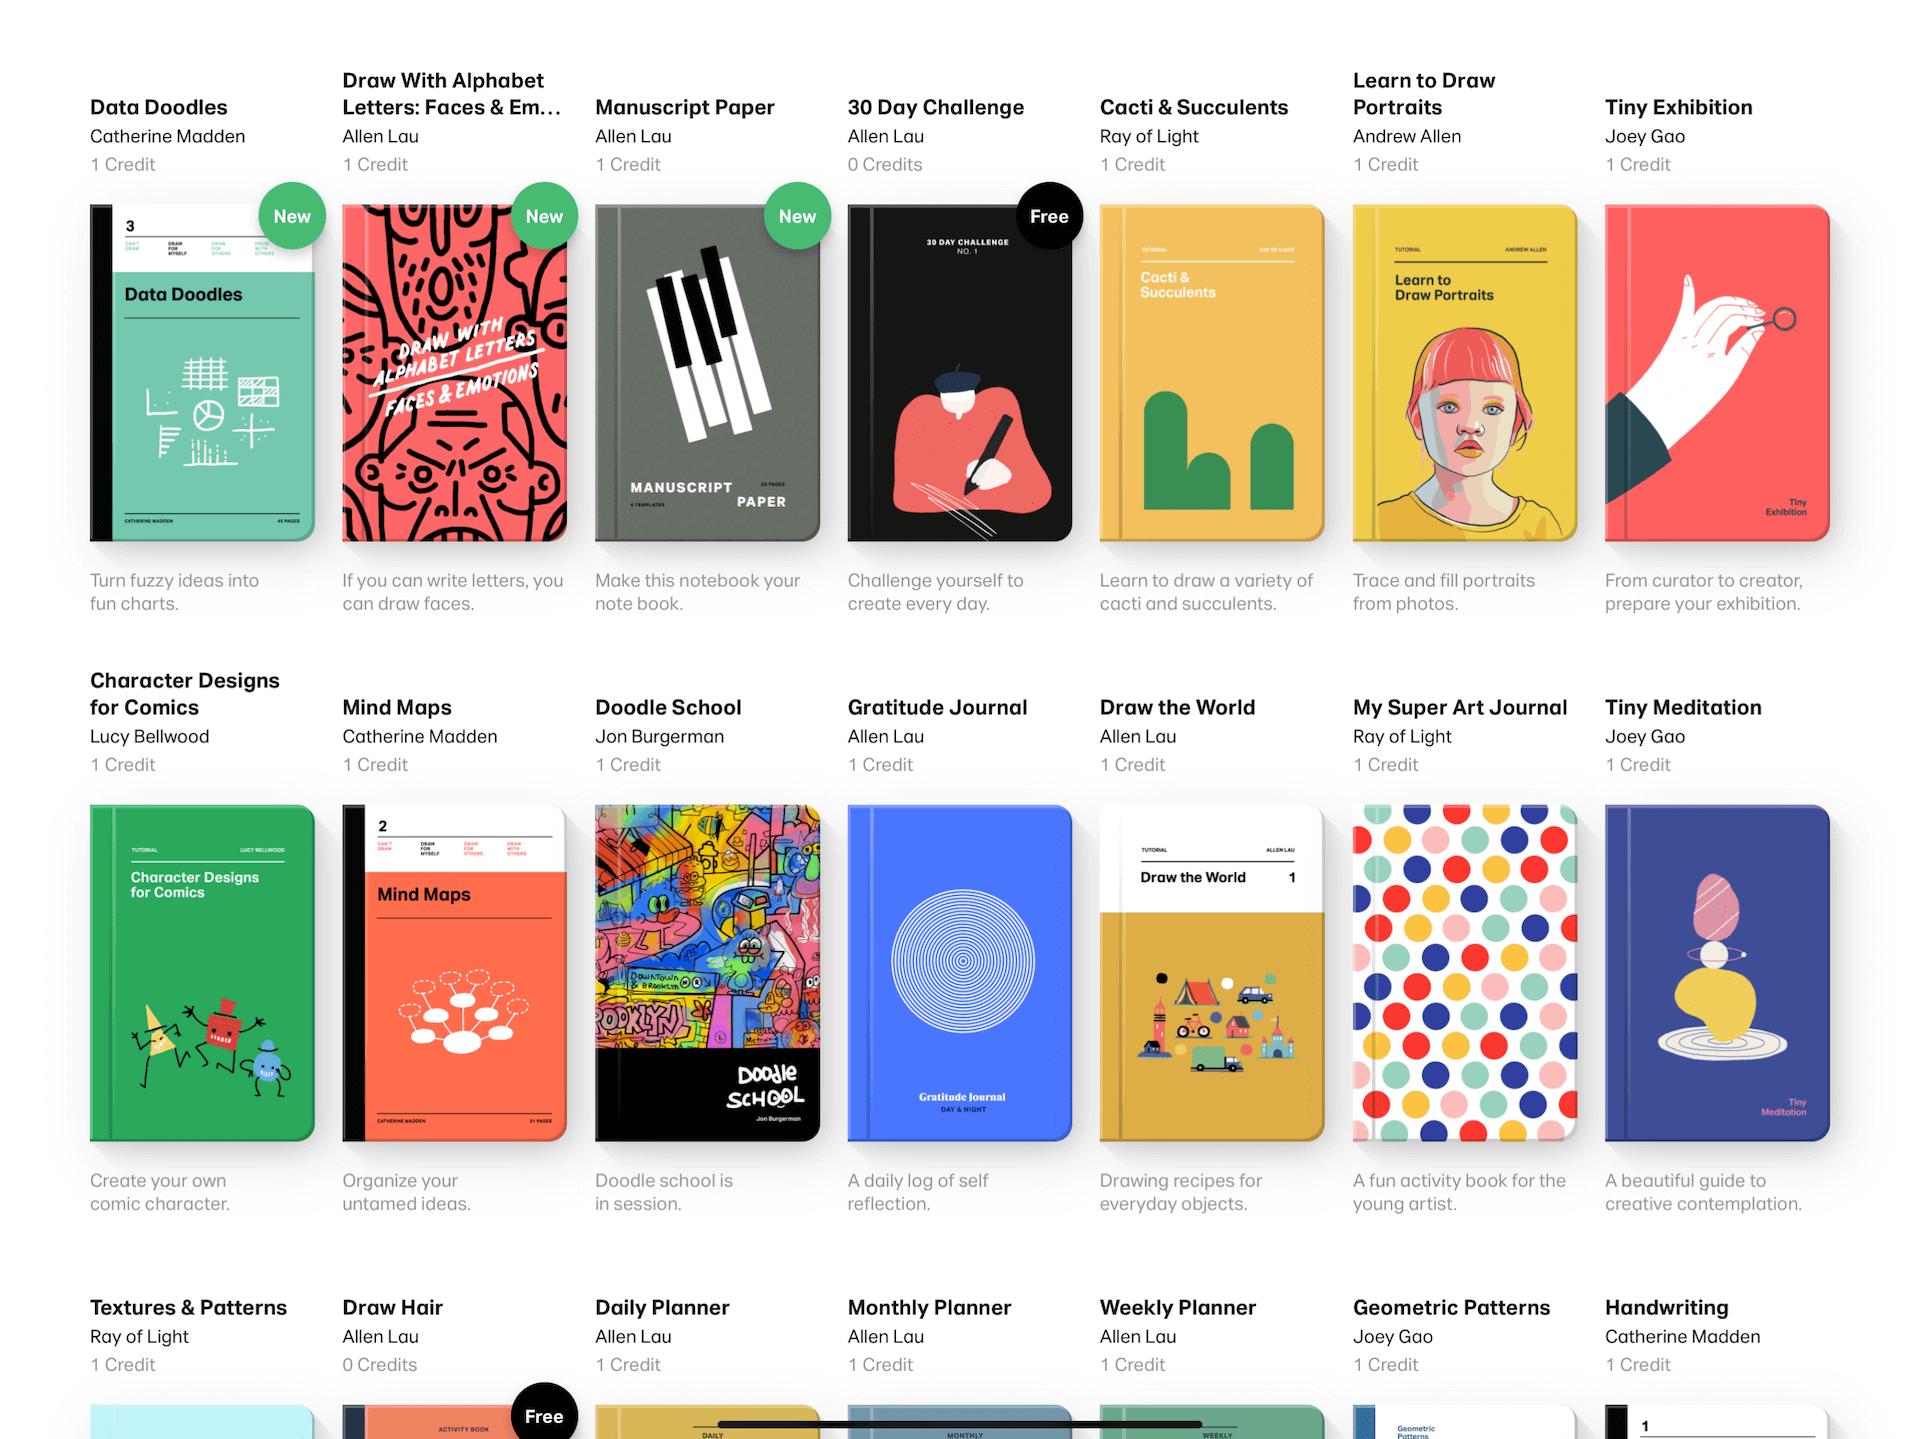 Aplicaciones para diseñadores gráficos